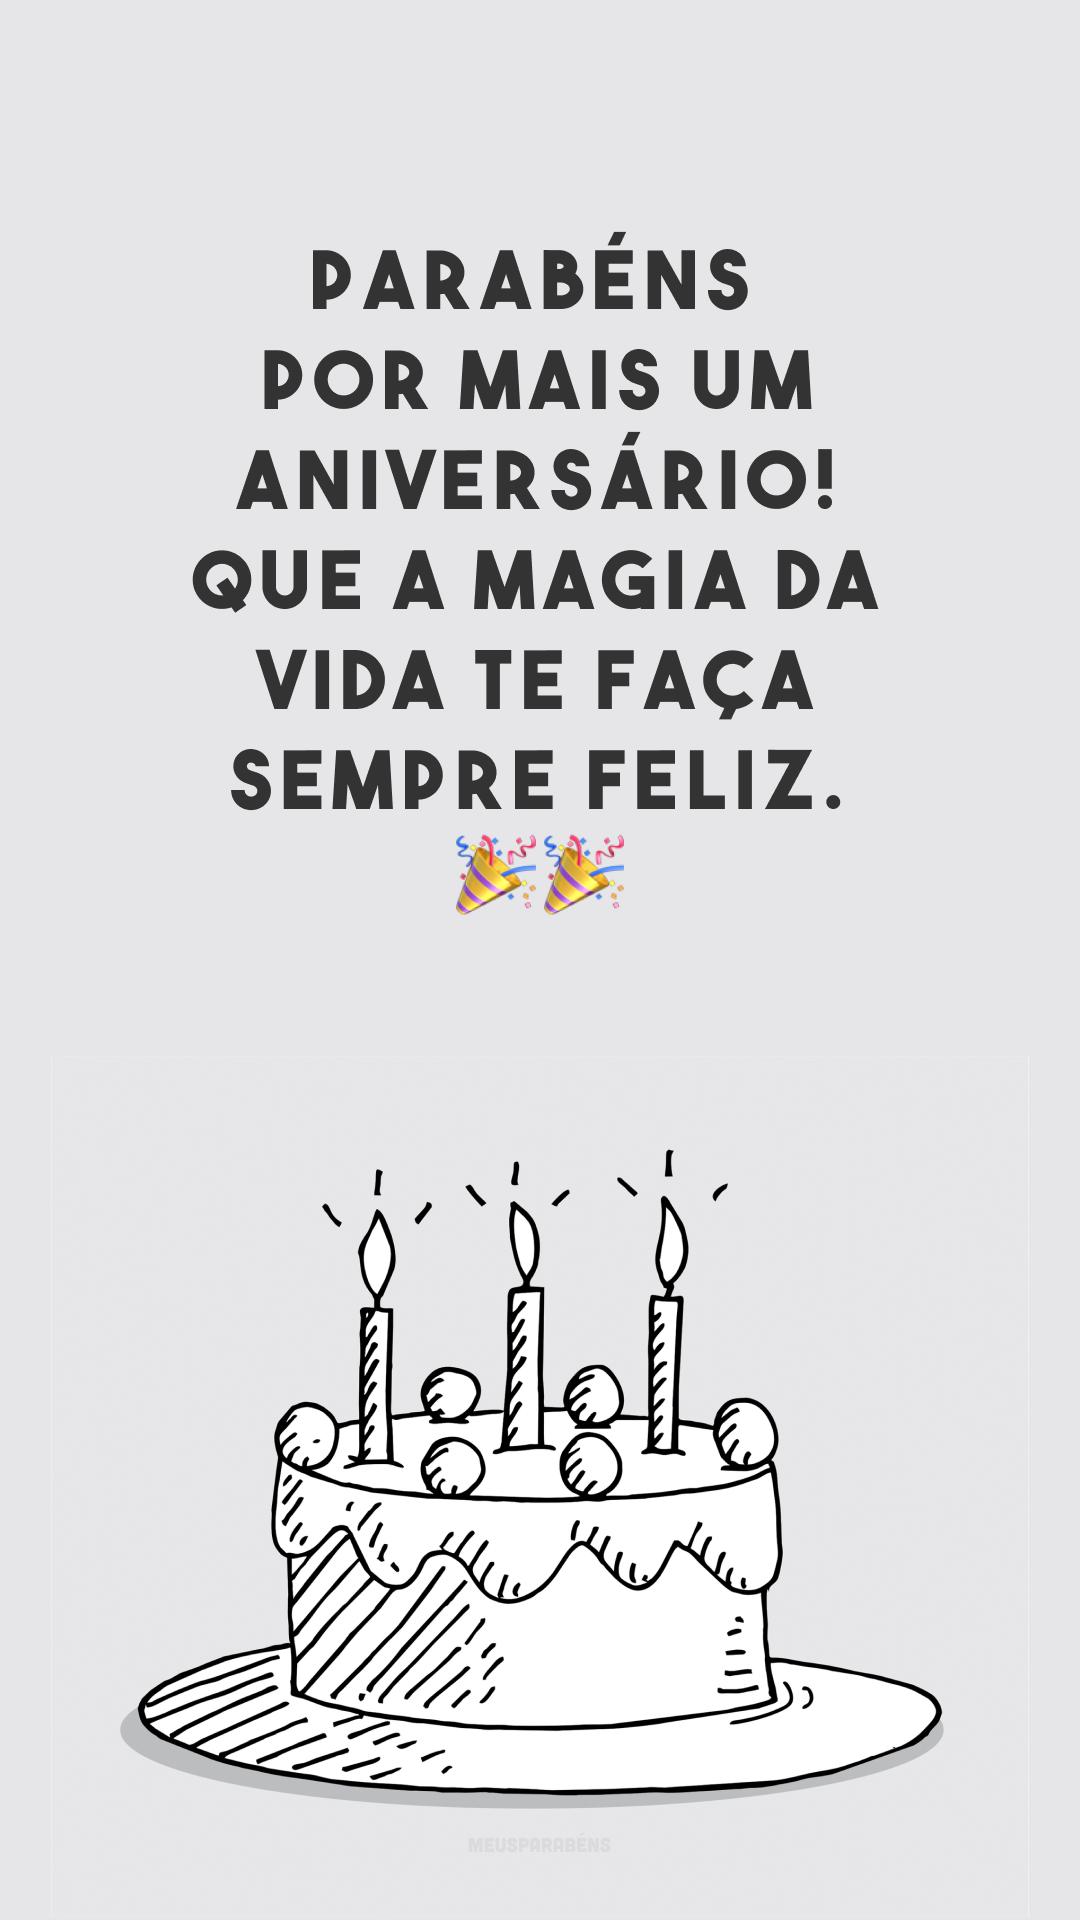 Parabéns por mais um aniversário! Que a magia da vida te faça sempre feliz. ??